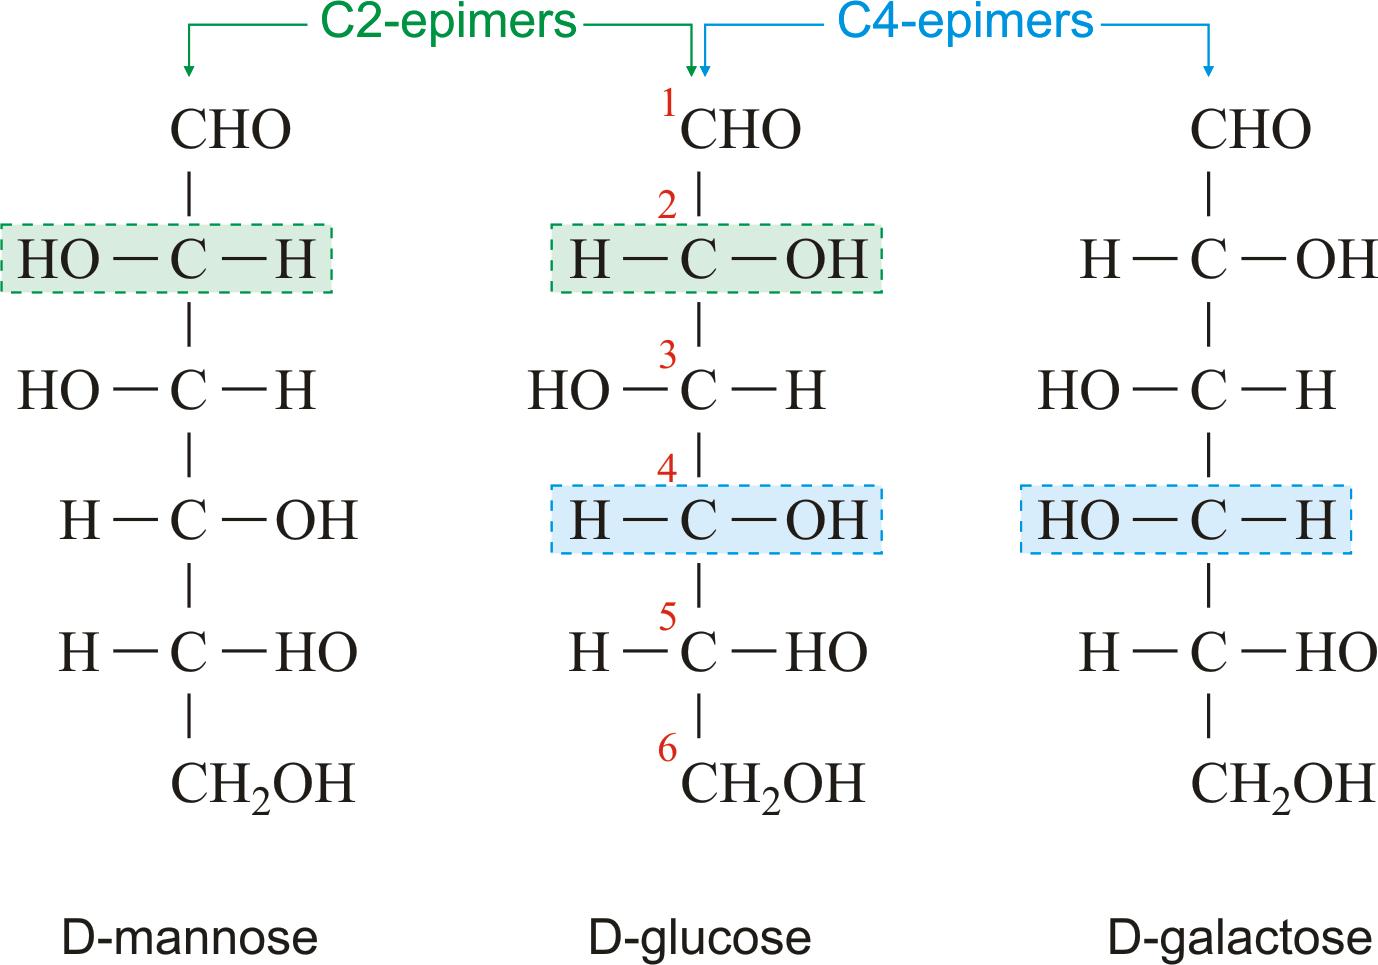 D Galactose D-galactose and D-gluc...